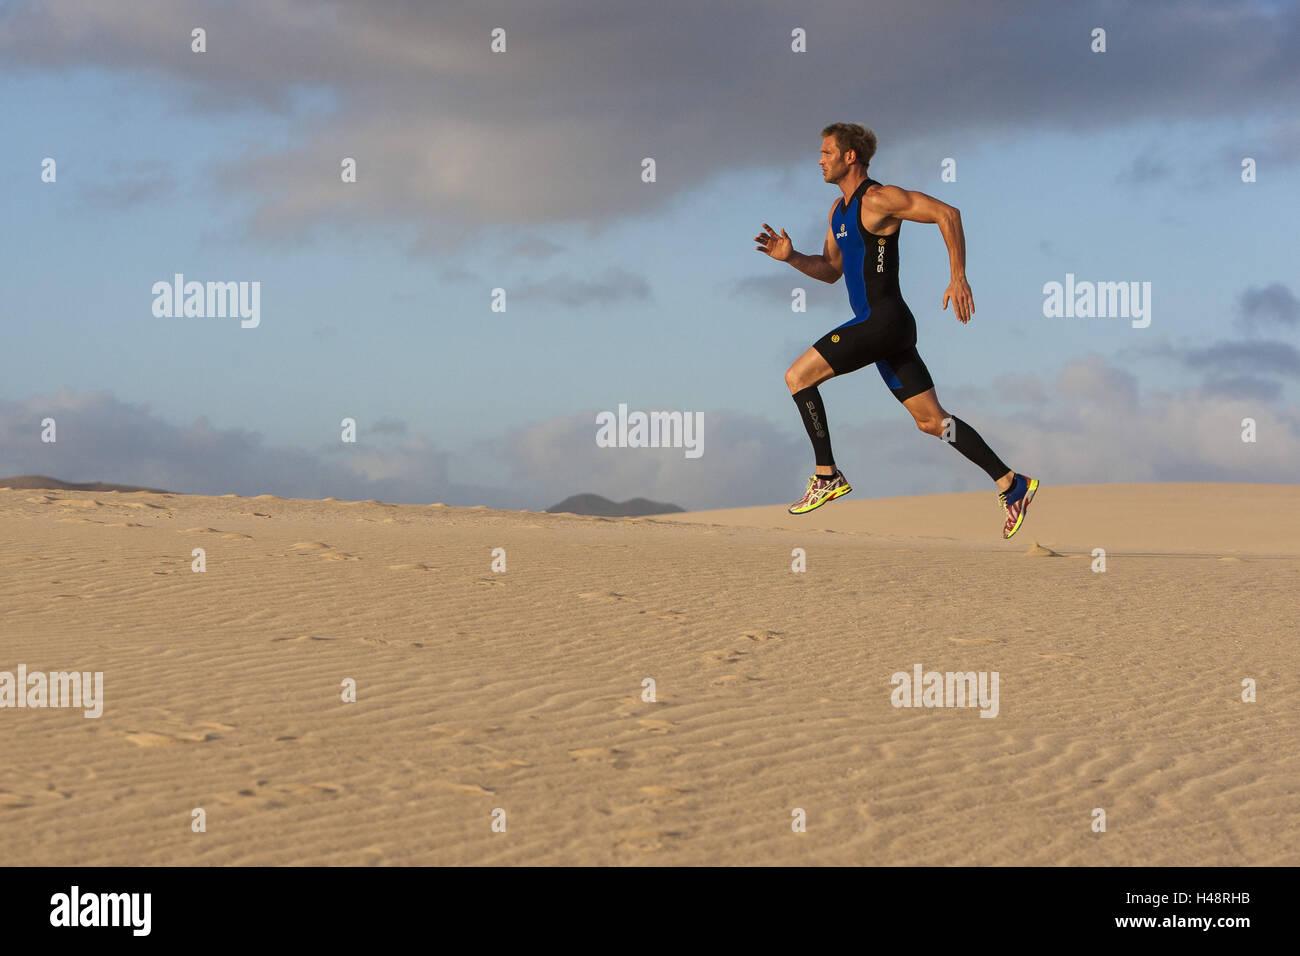 Runner sprints in Sand dune Fuerteventura, - Stock Image